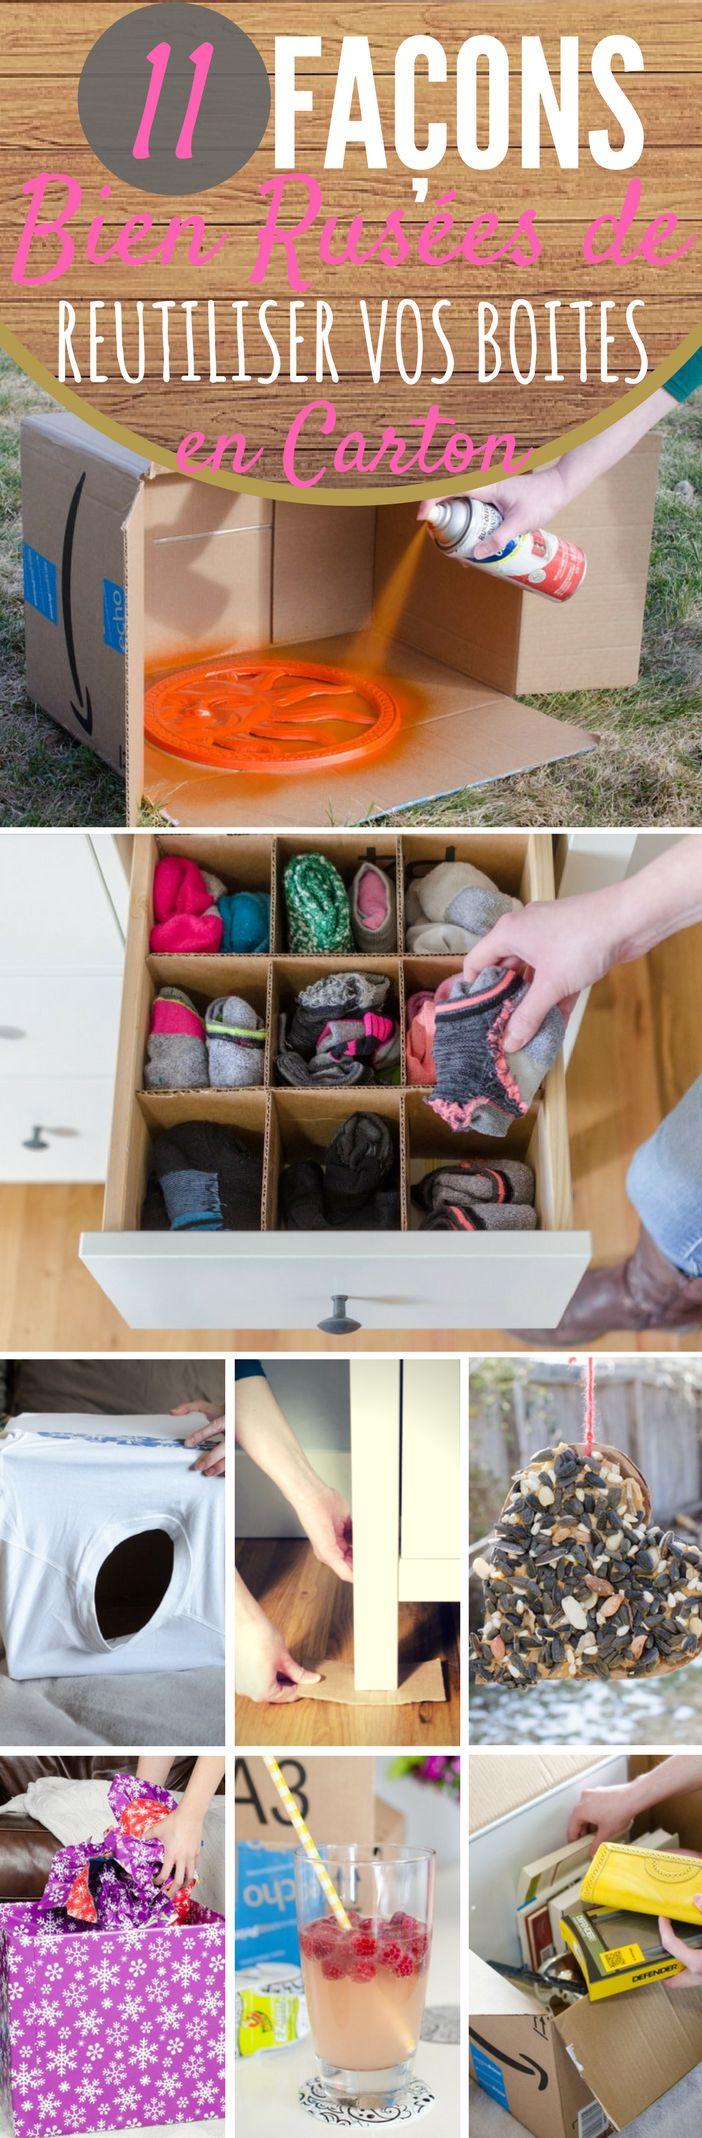 Voici 11 façons bien rusées de réutiliser une boîte en carton. Faites des organisateurs pour vos tiroirs. Vous aurez besoin de cartons...